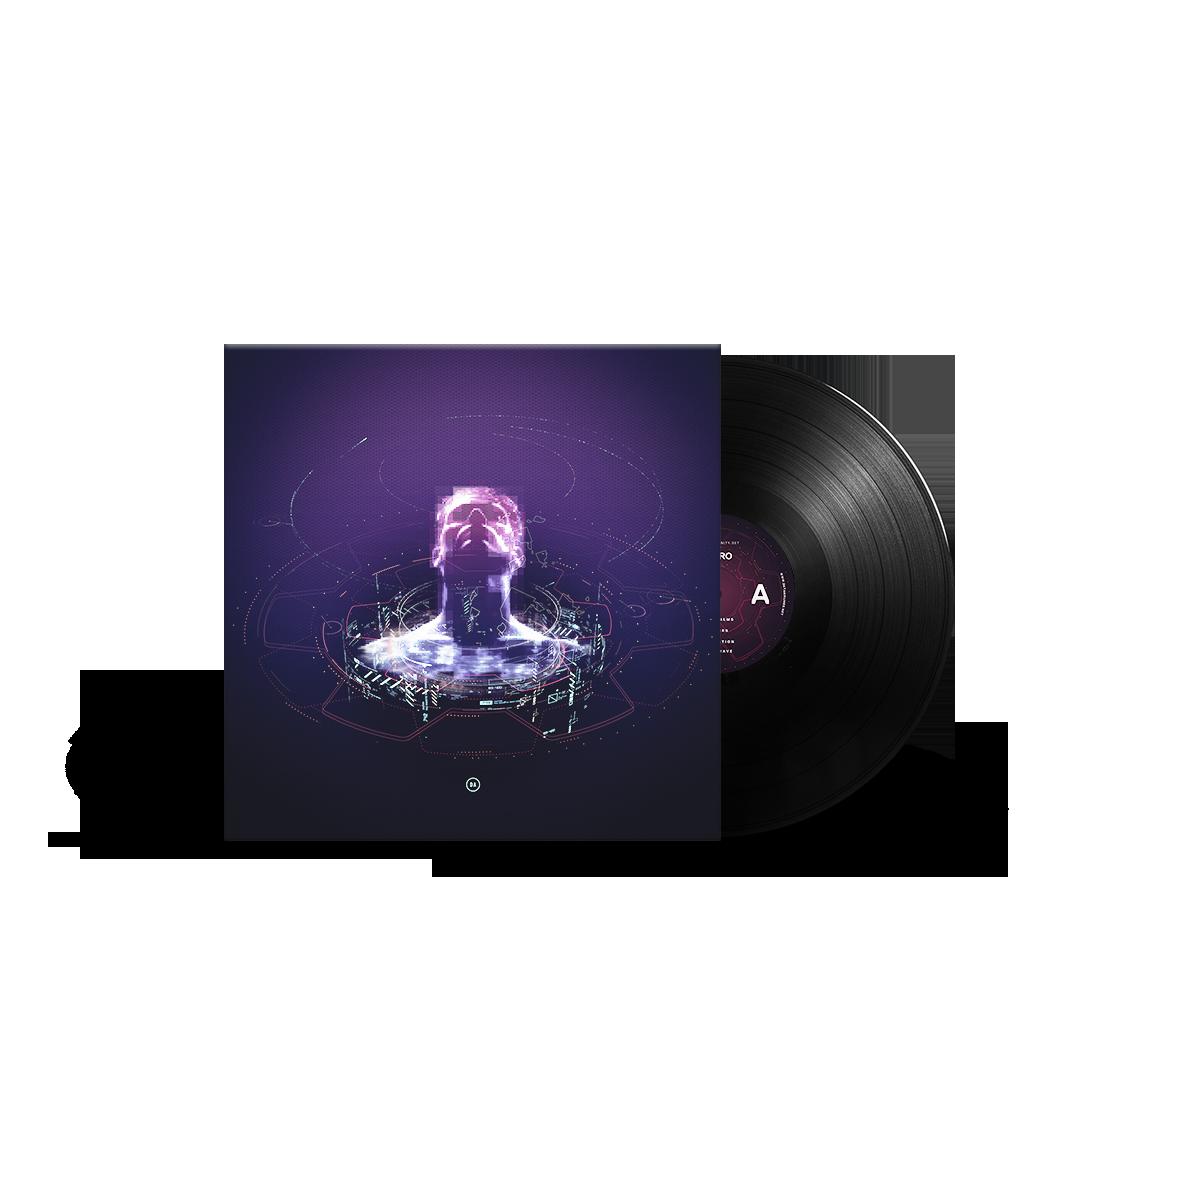 MAVS — Syncro EP